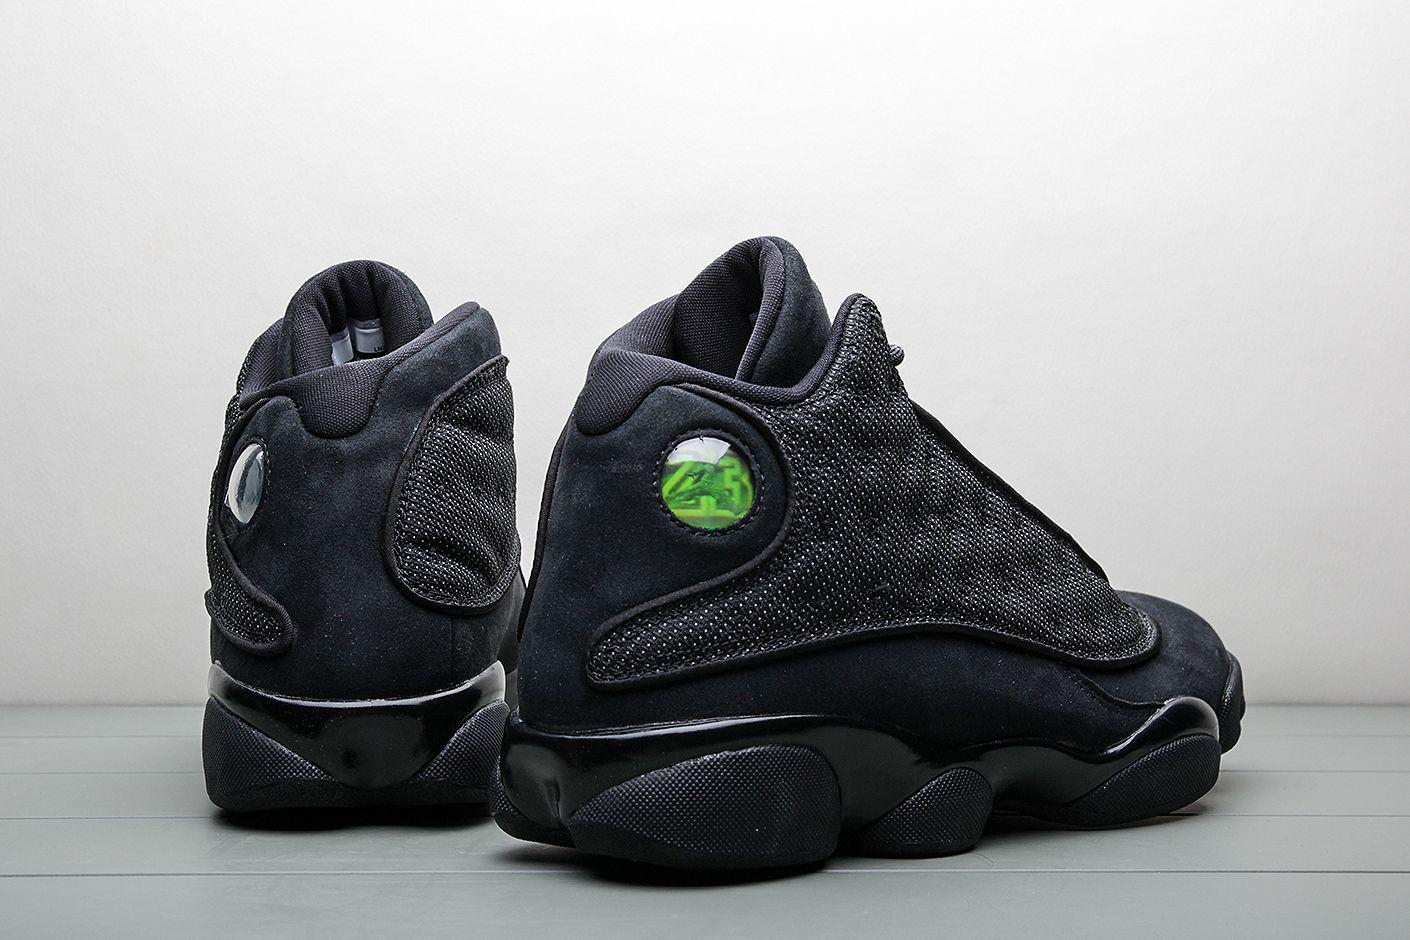 571c02cc ... Купить мужские черные кроссовки Jordan Air Jordan XIII Retro - фото 3  картинки ...